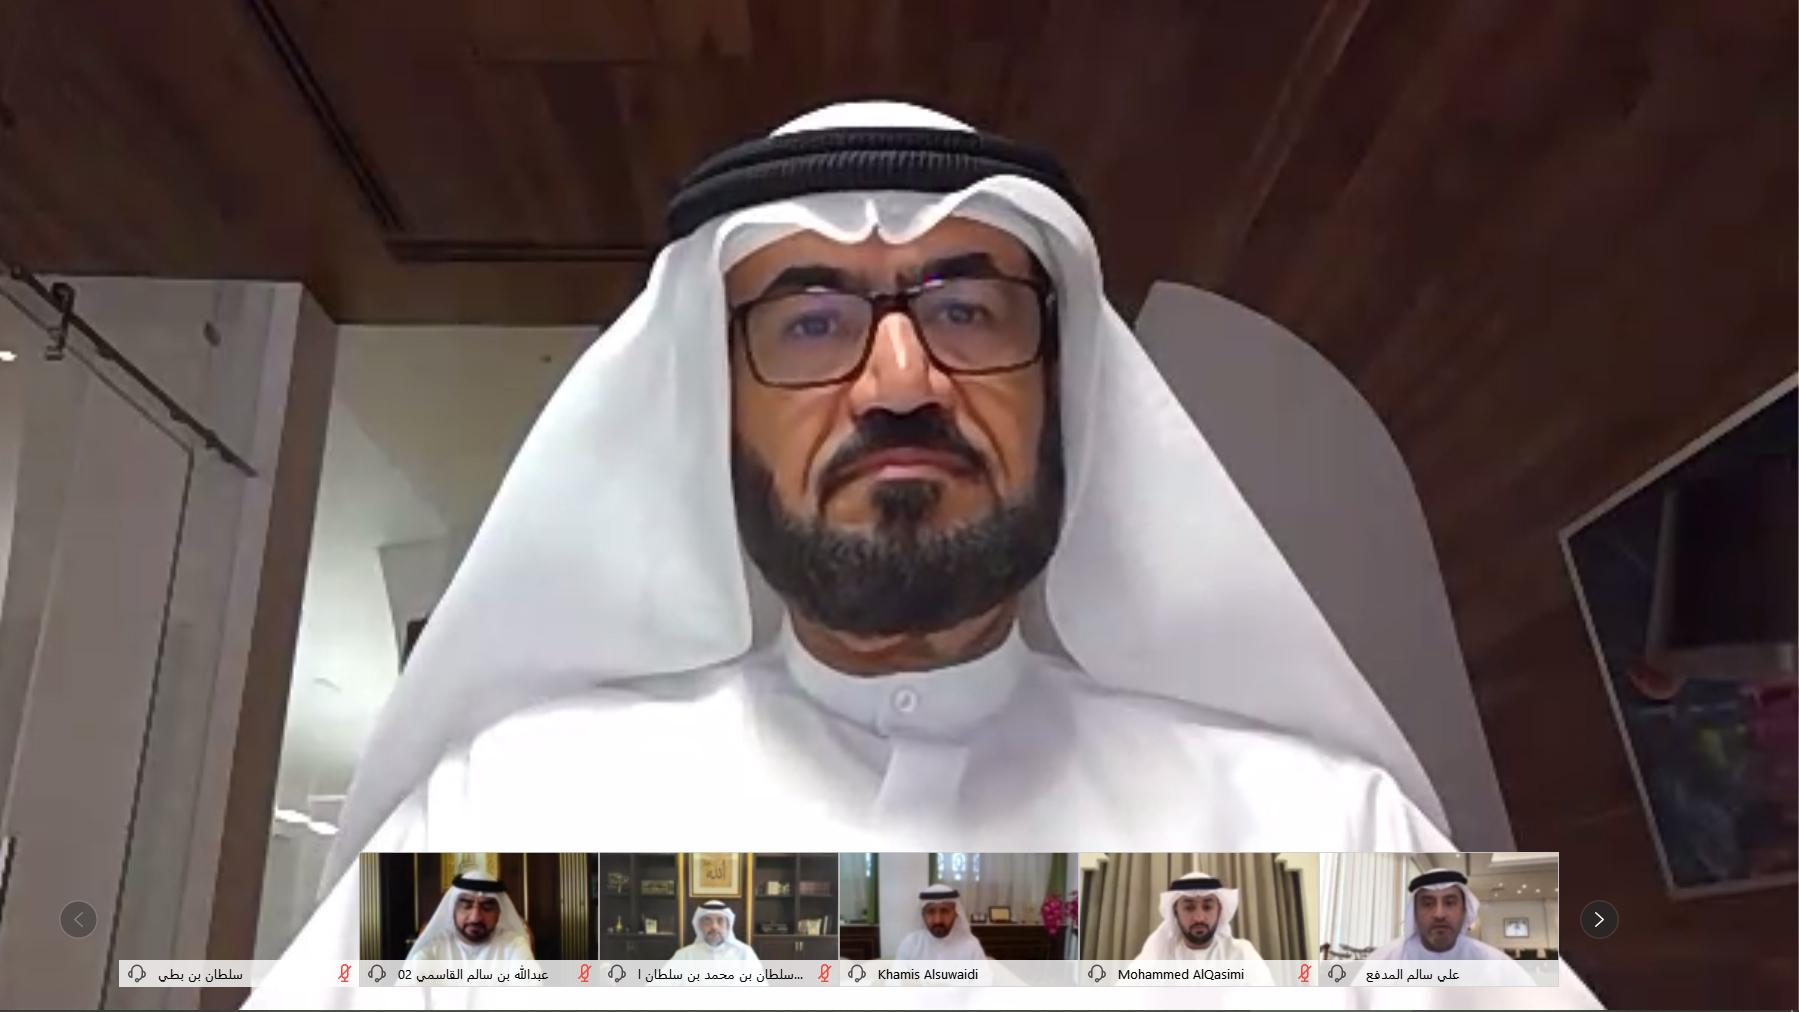 ولي عهد الشارقة يترأس اجتماع المجلس التنفيذي عن بعد